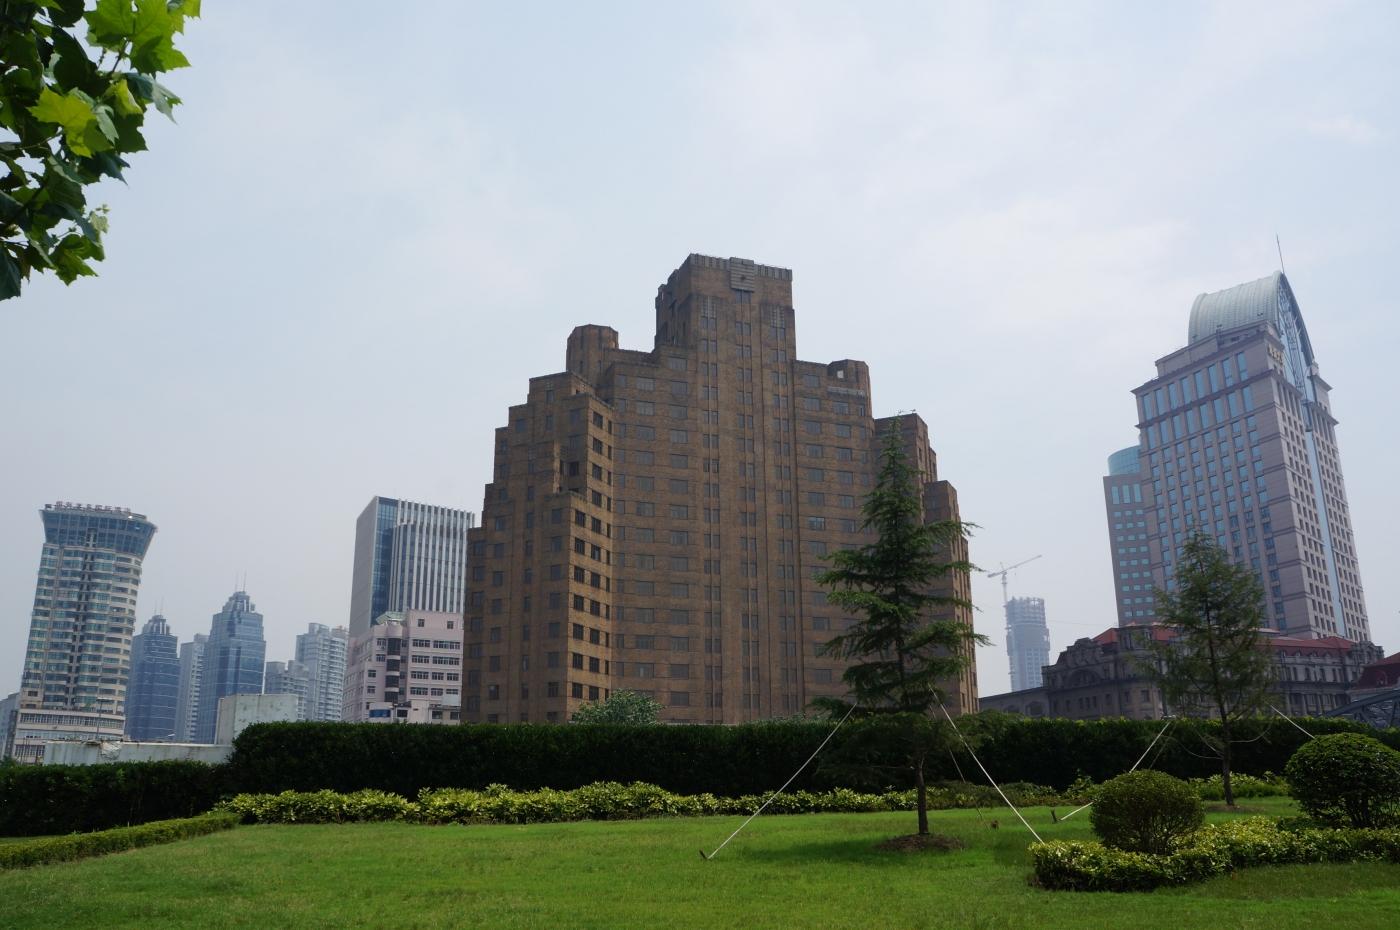 上海北苏州路20号.上海大厦(摄影原创)_图1-3